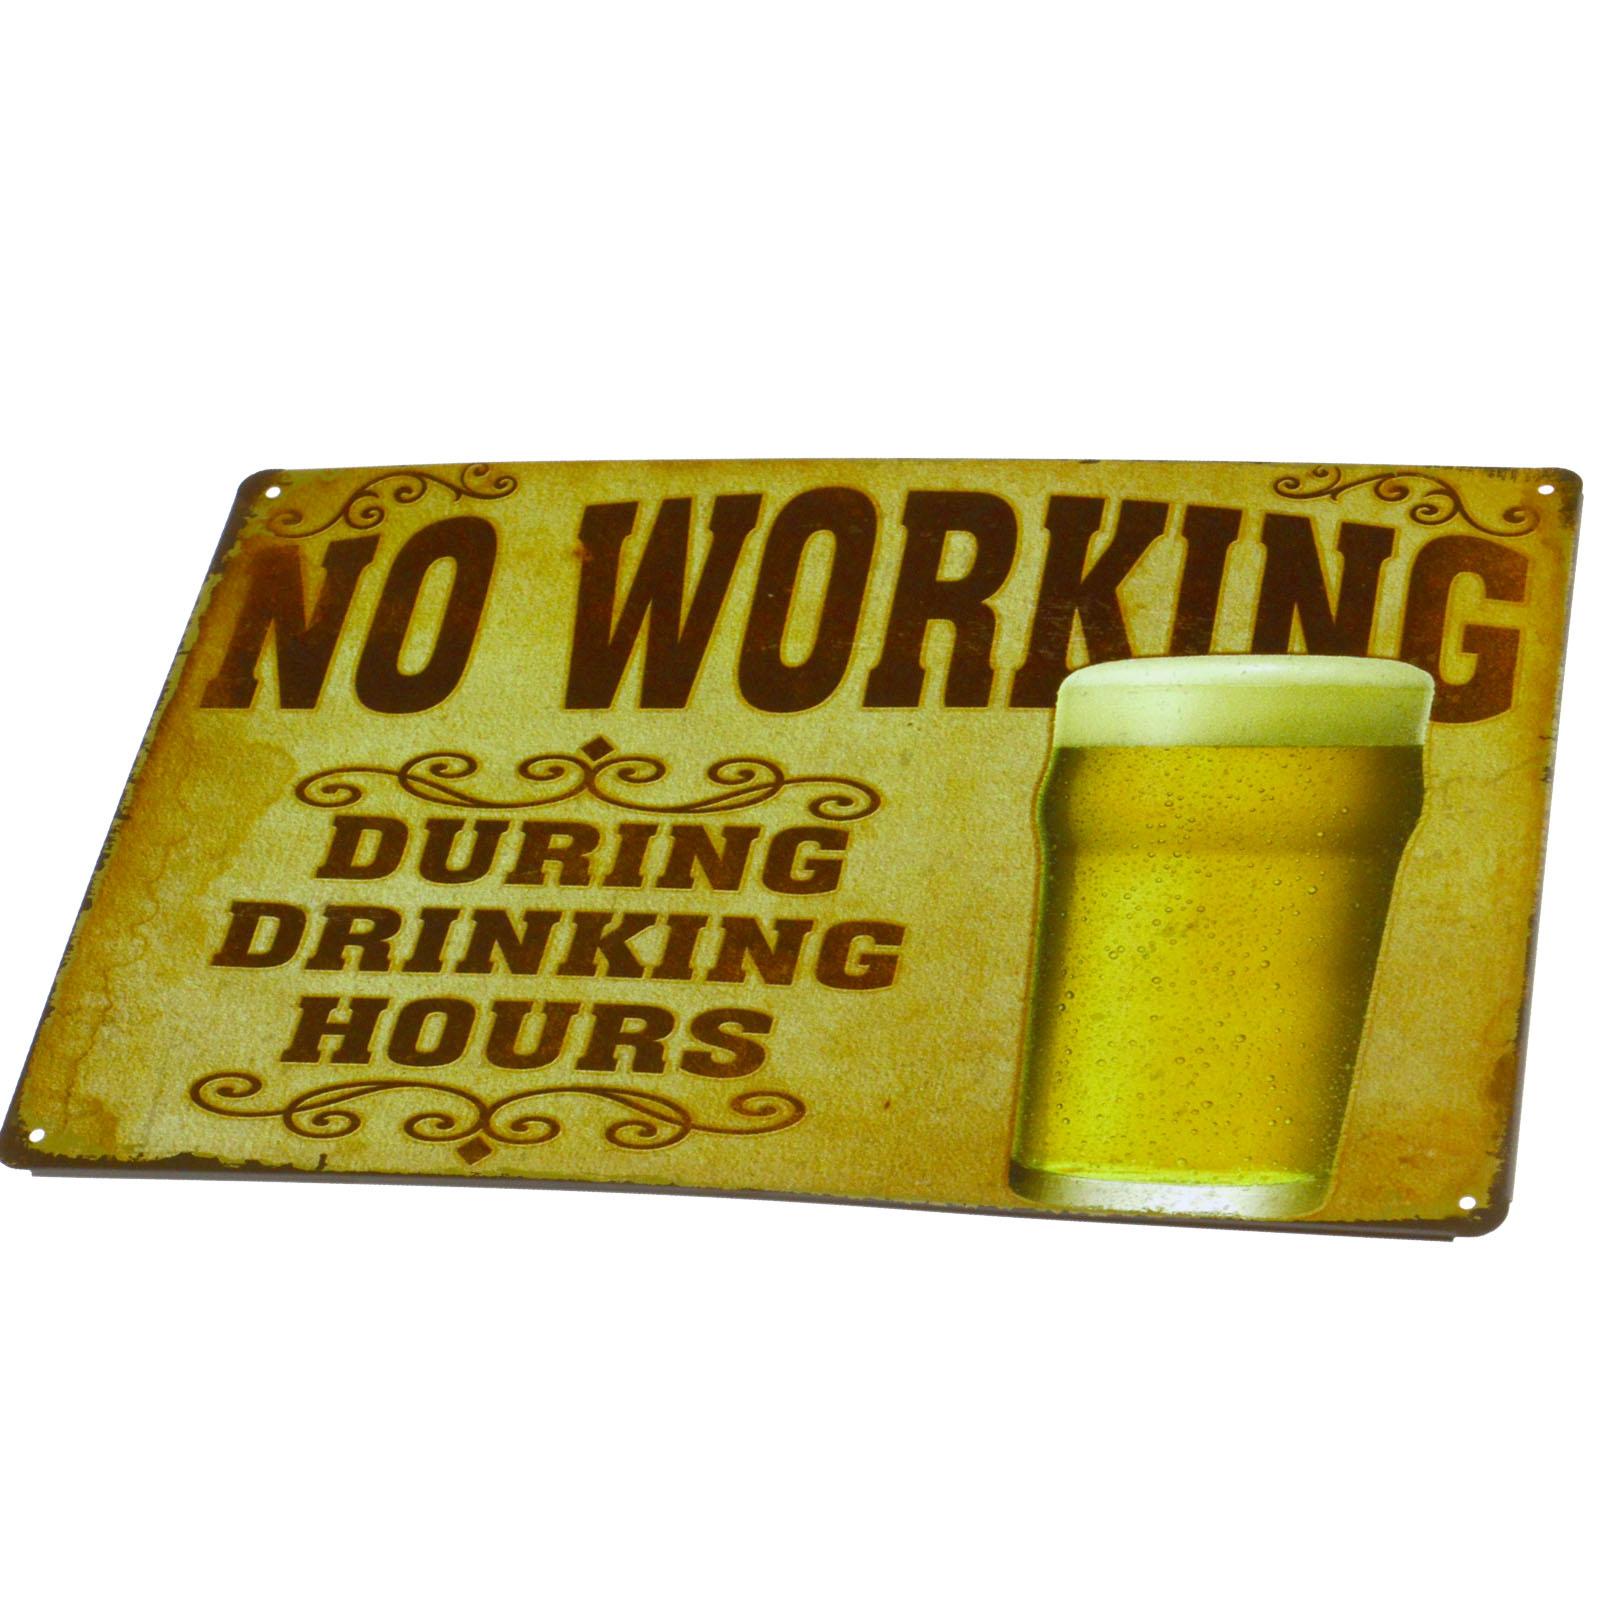 NO WORKING\